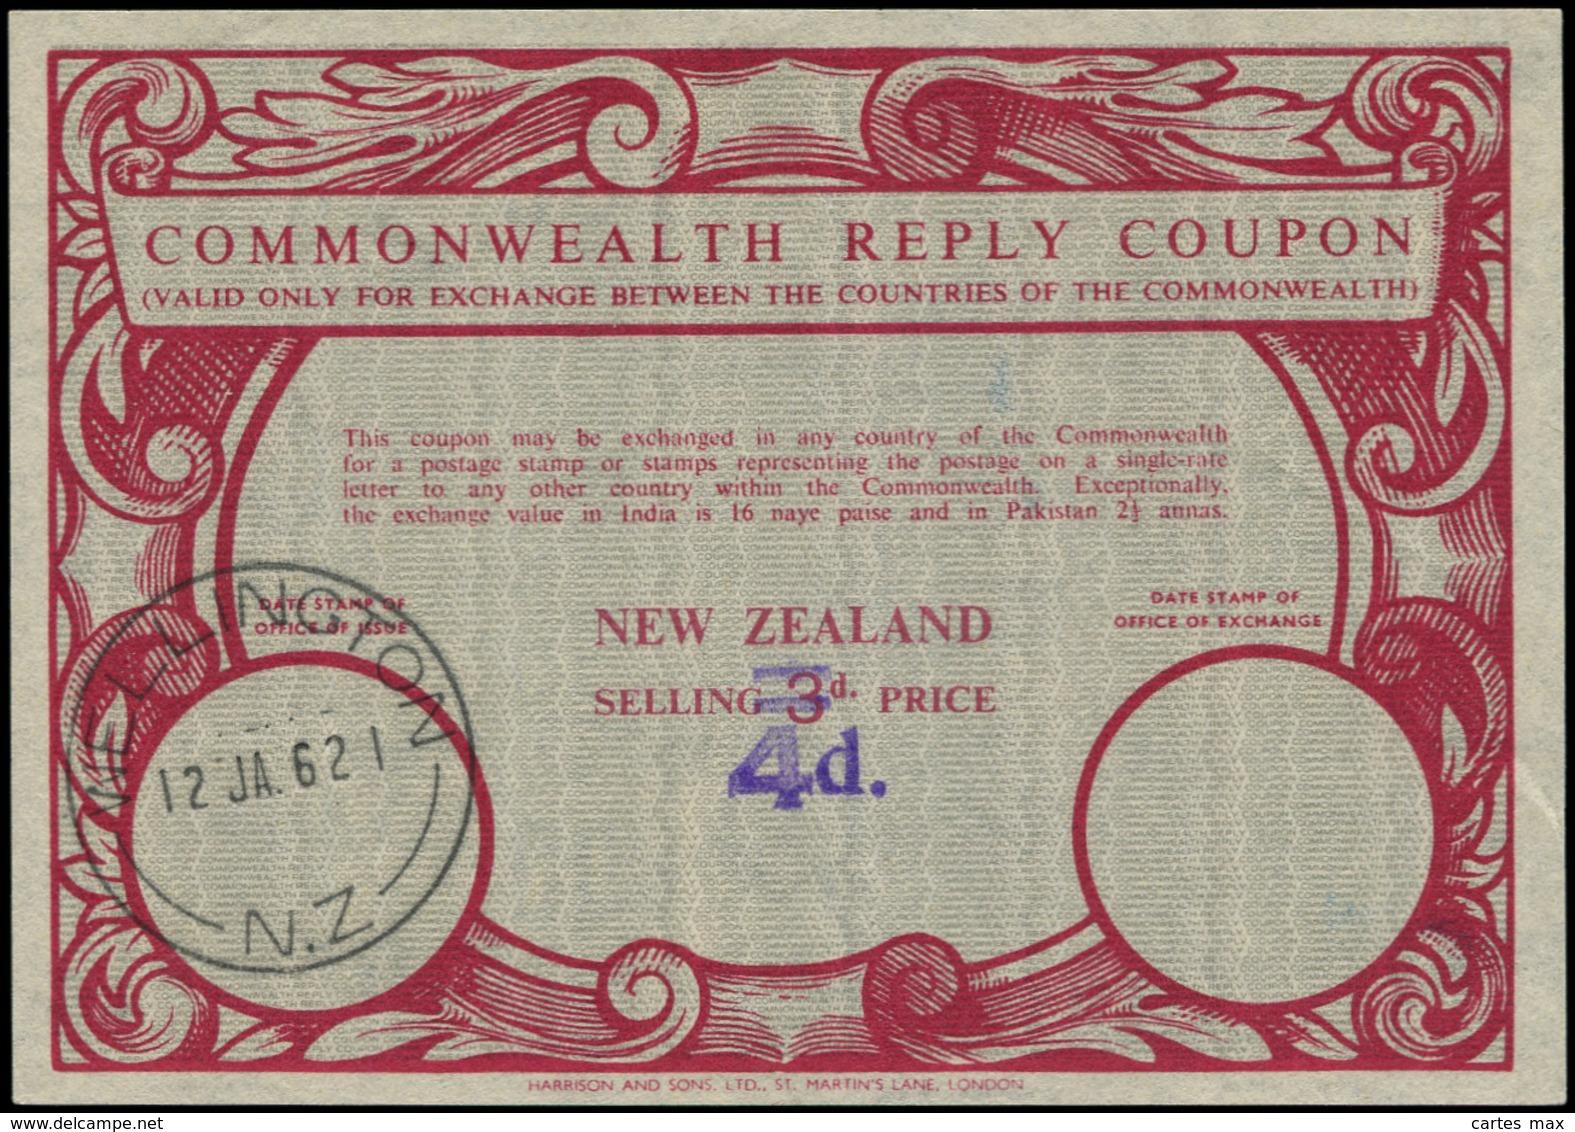 NOUVELLE ZELANDE Coupons Réponse N - Coupon Rouge, Surcharge à Main Violette 4d. S. 3d. (Wellington 12/1/62) - New Zealand